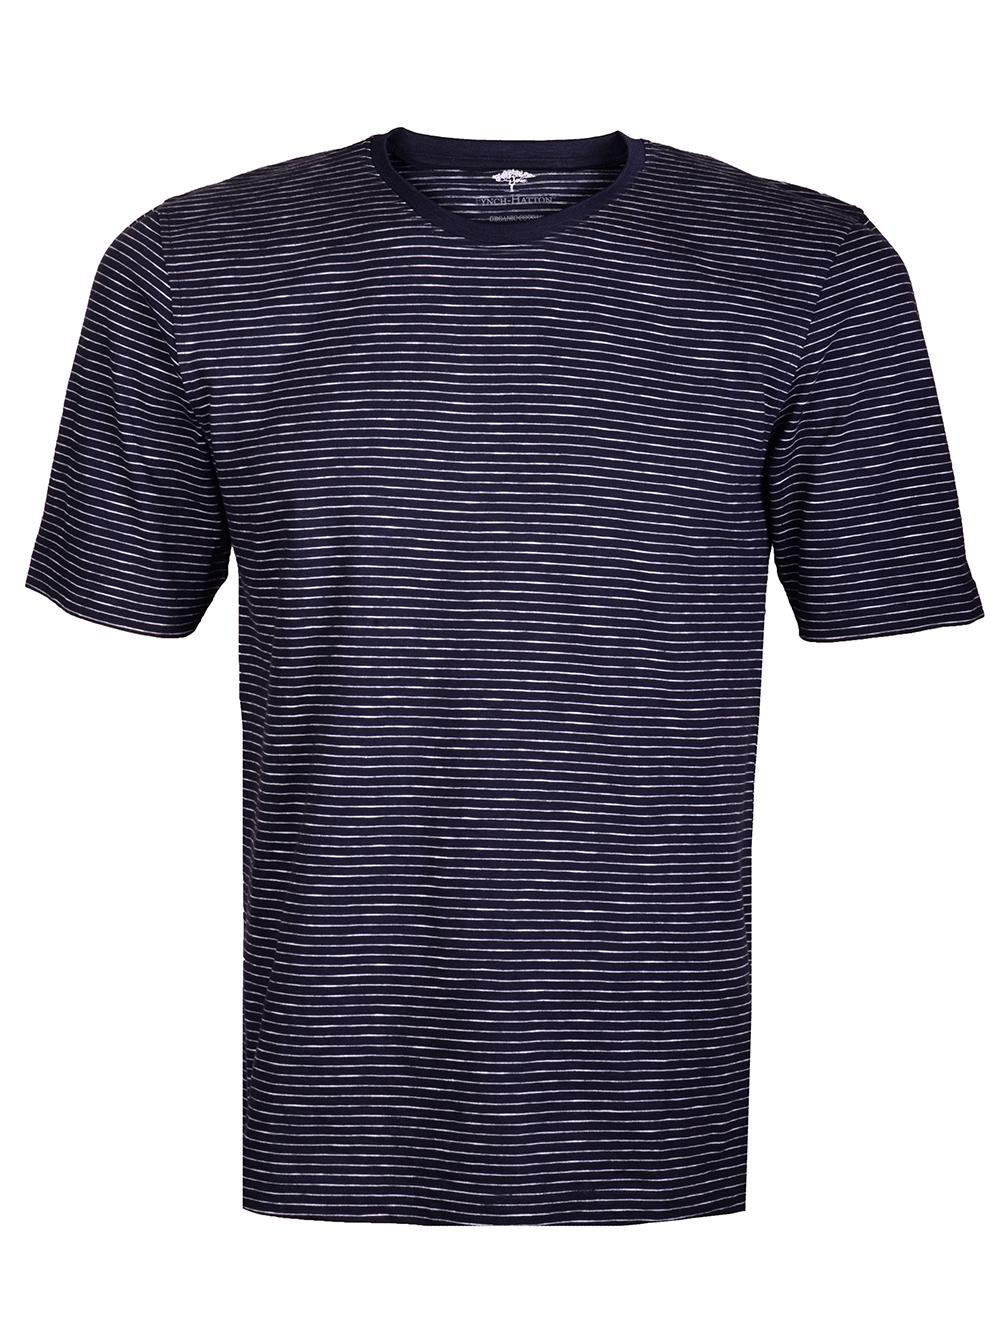 FYNCH-HATTON Μπλούζα T-shirt 1120 1612-1548 ΜΠΛΕ